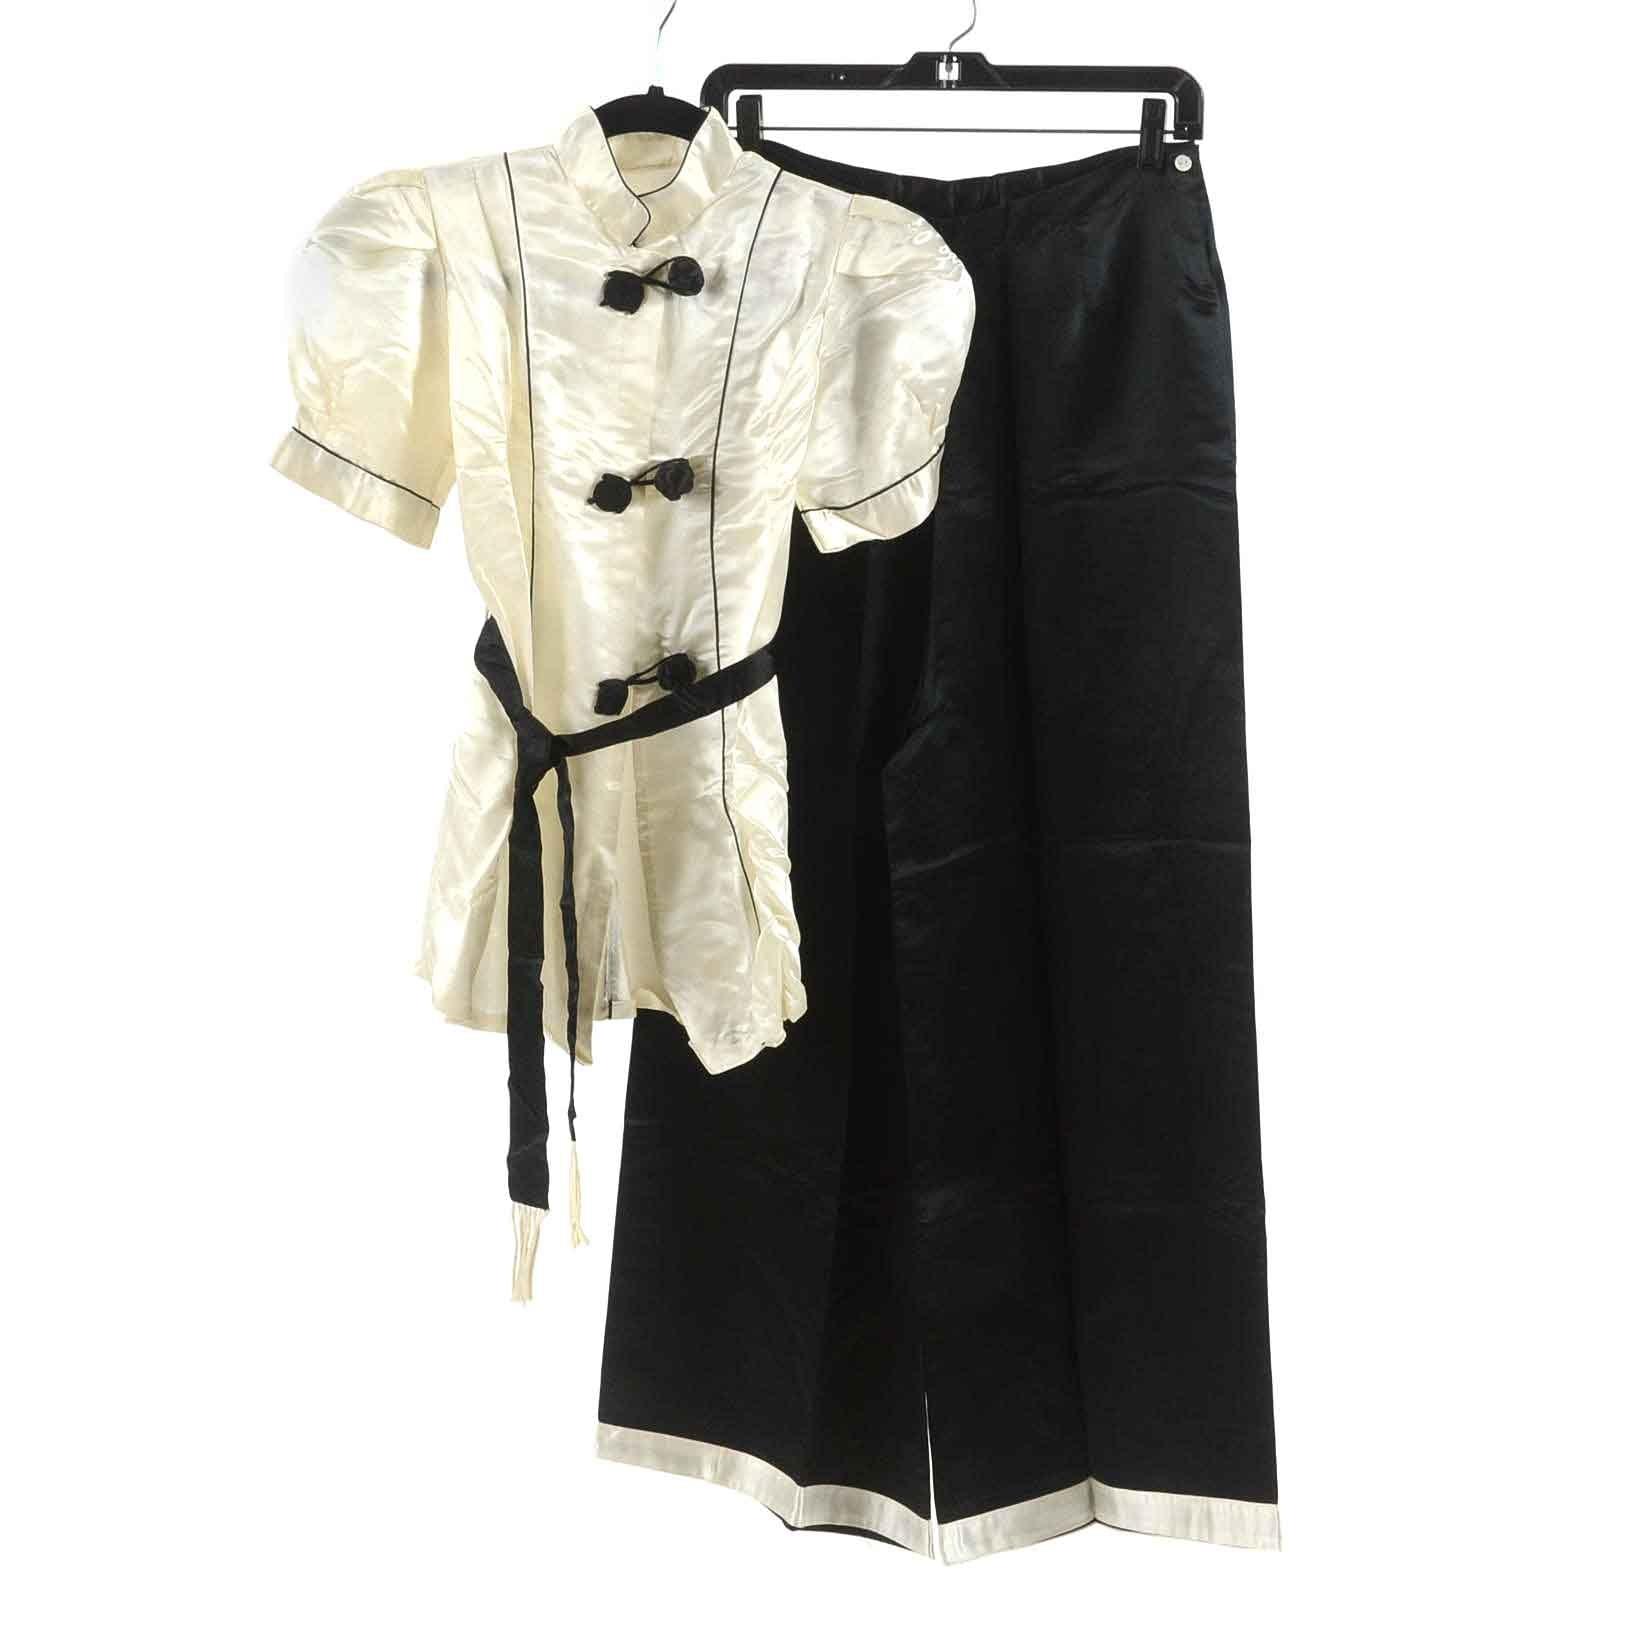 Vintage Black and White Silky Pajamas